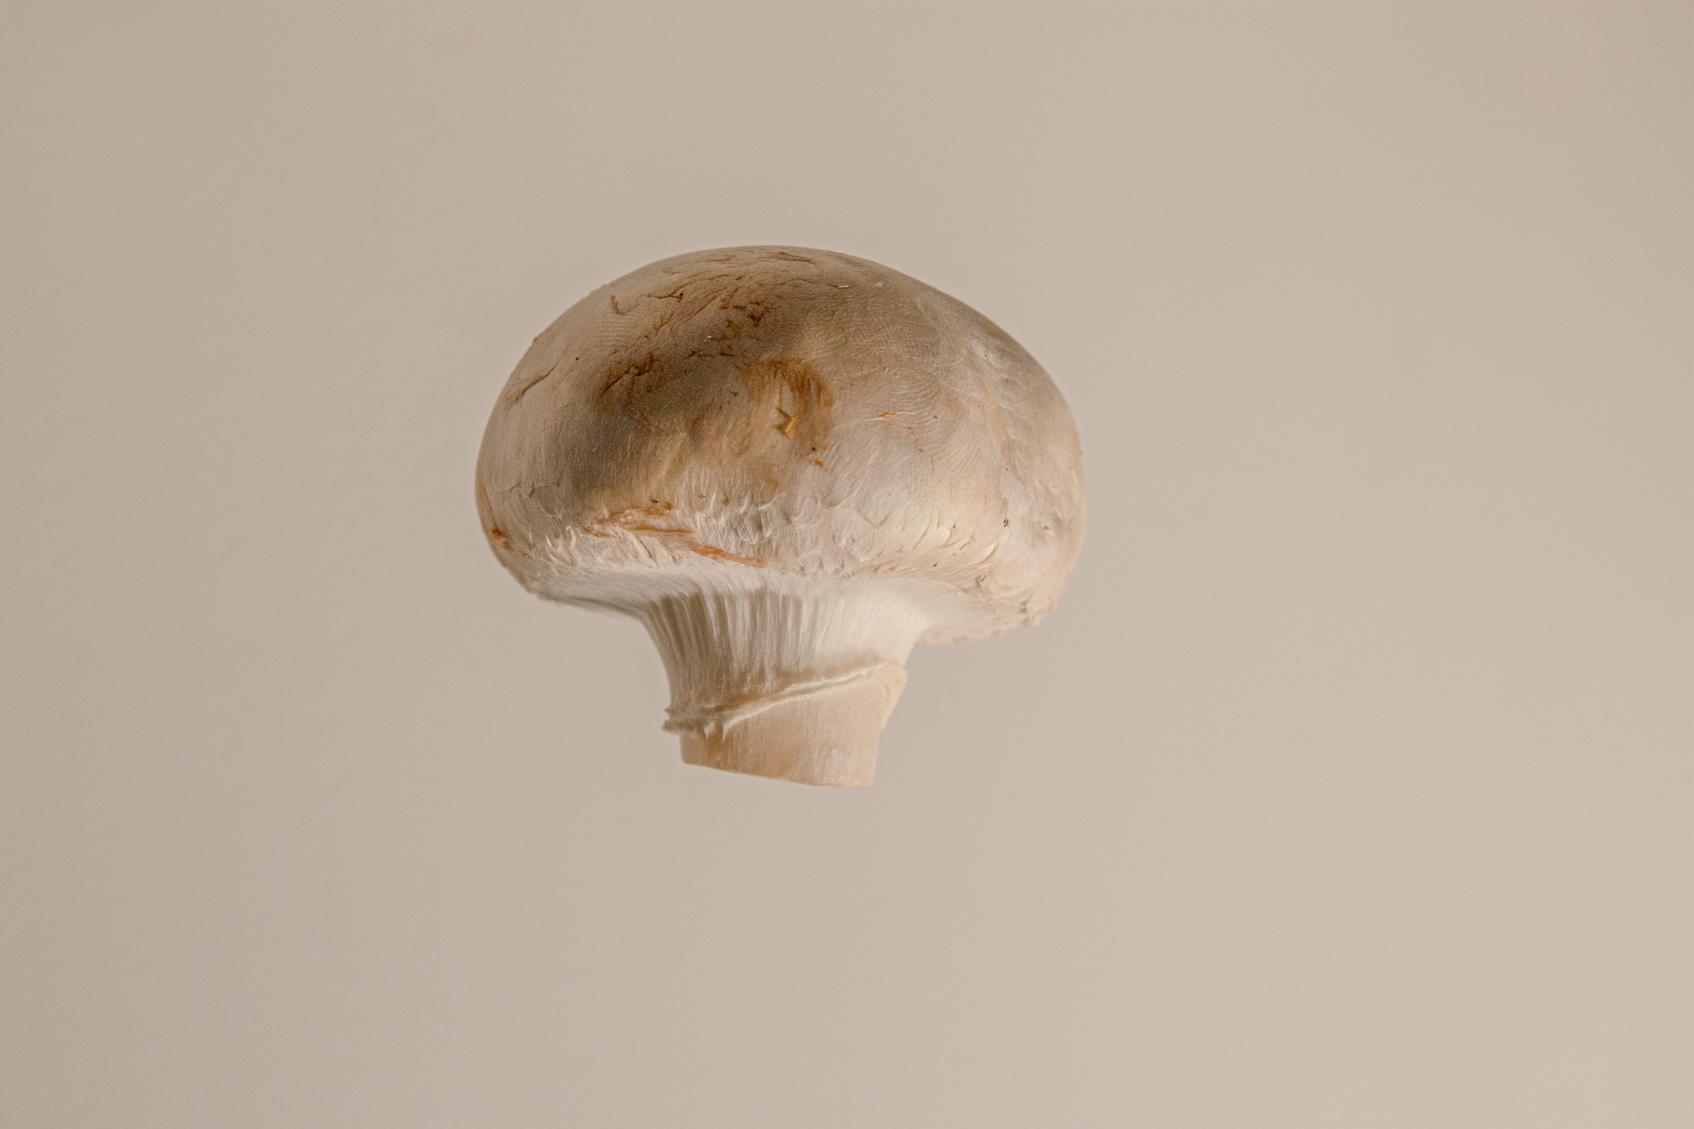 полезные грибы шиитаке шампиньон